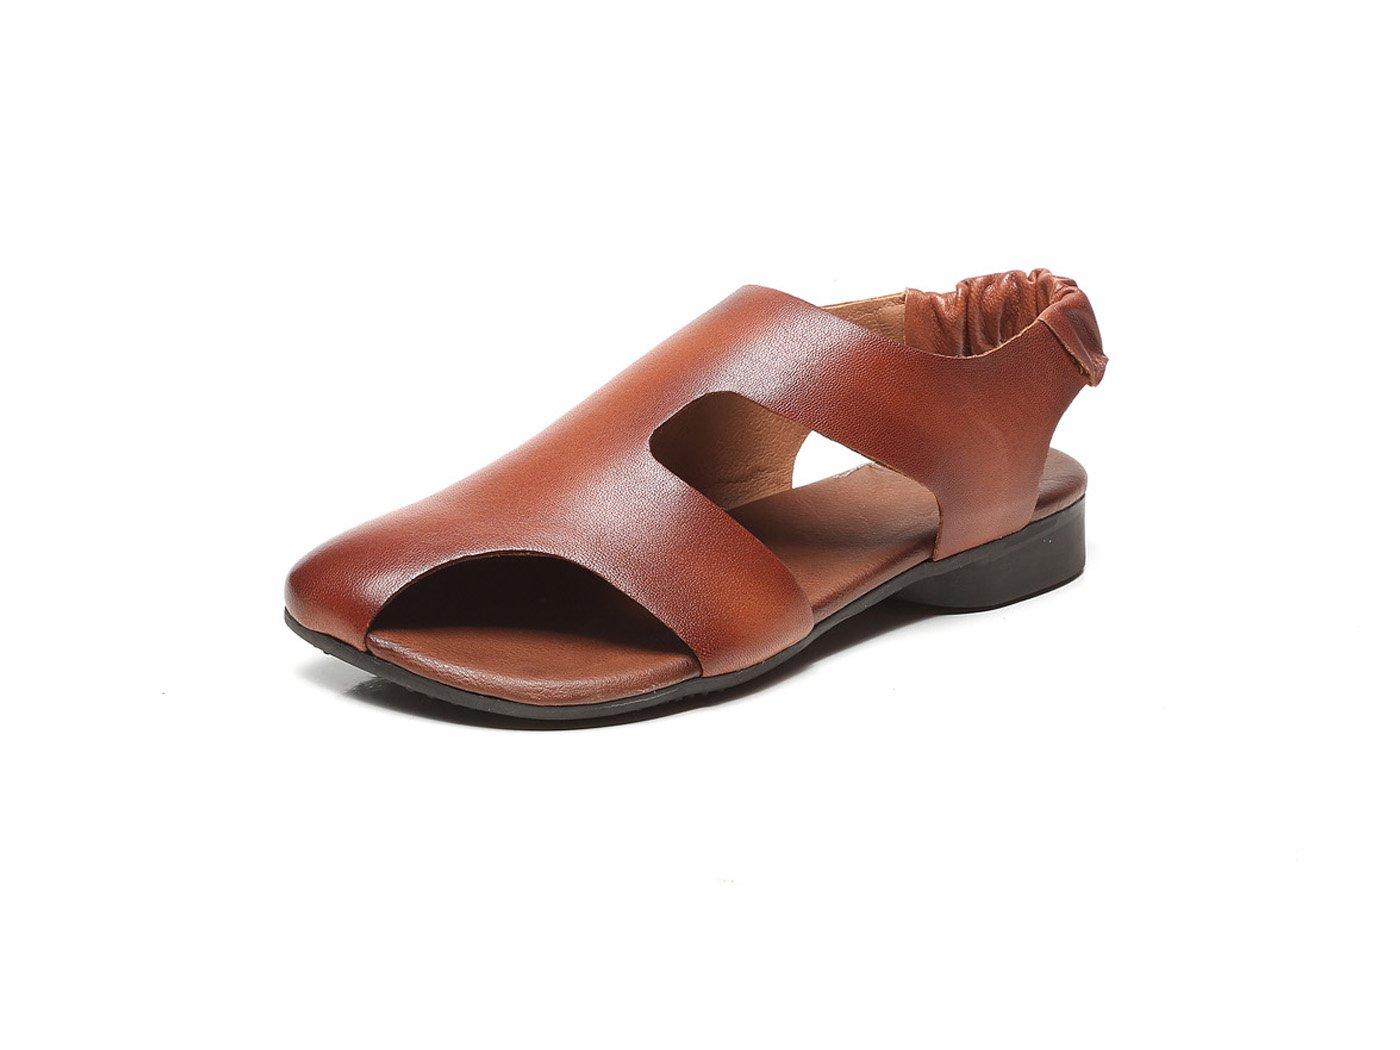 Womens Sandals Summer Retro Soles Shoes Flat Heels Soft Soles Retro Roman Sandals per Outdoor Casual Taglia 35-40 (Nero Marrone) 39 EU Marrone befbbe